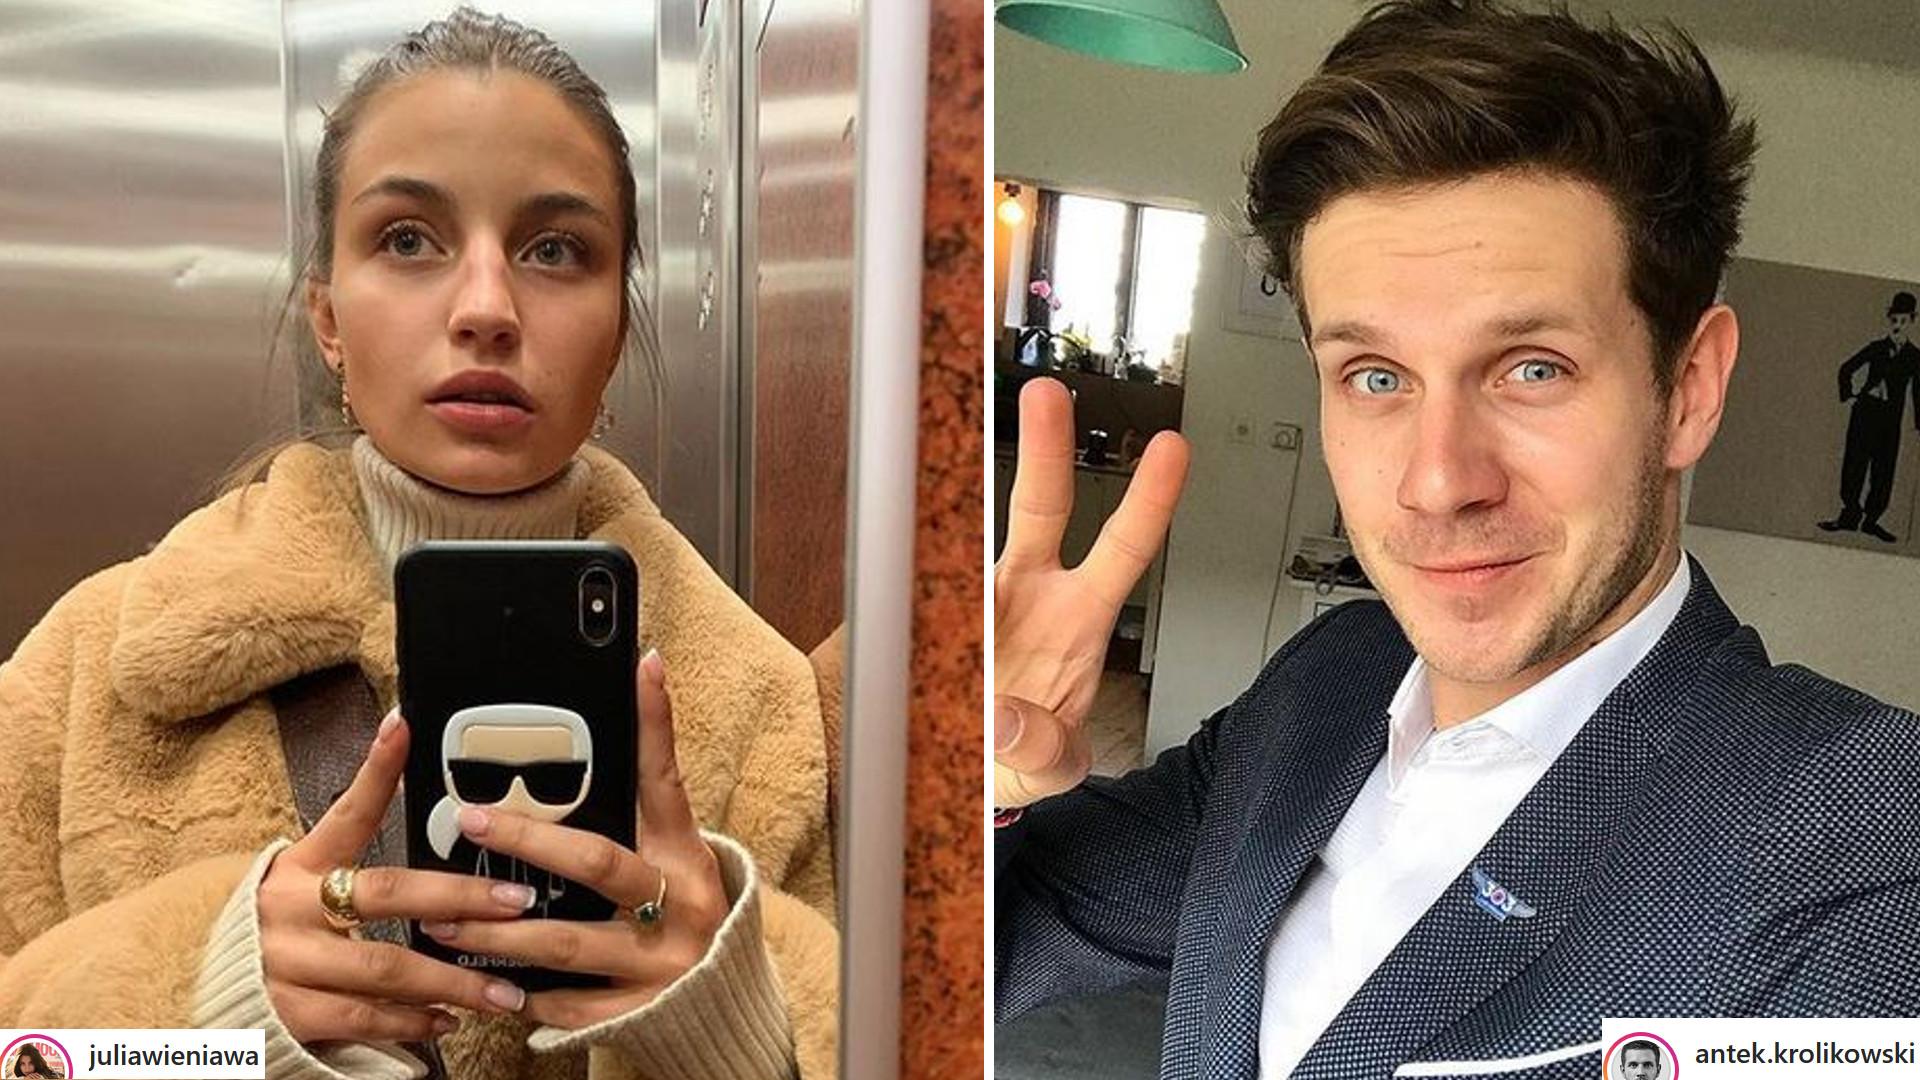 Julia Wieniawa i Antek Królikowski jednak nie rozstali się w zgodzie? Coś wydarzyło się na ich Instagramach